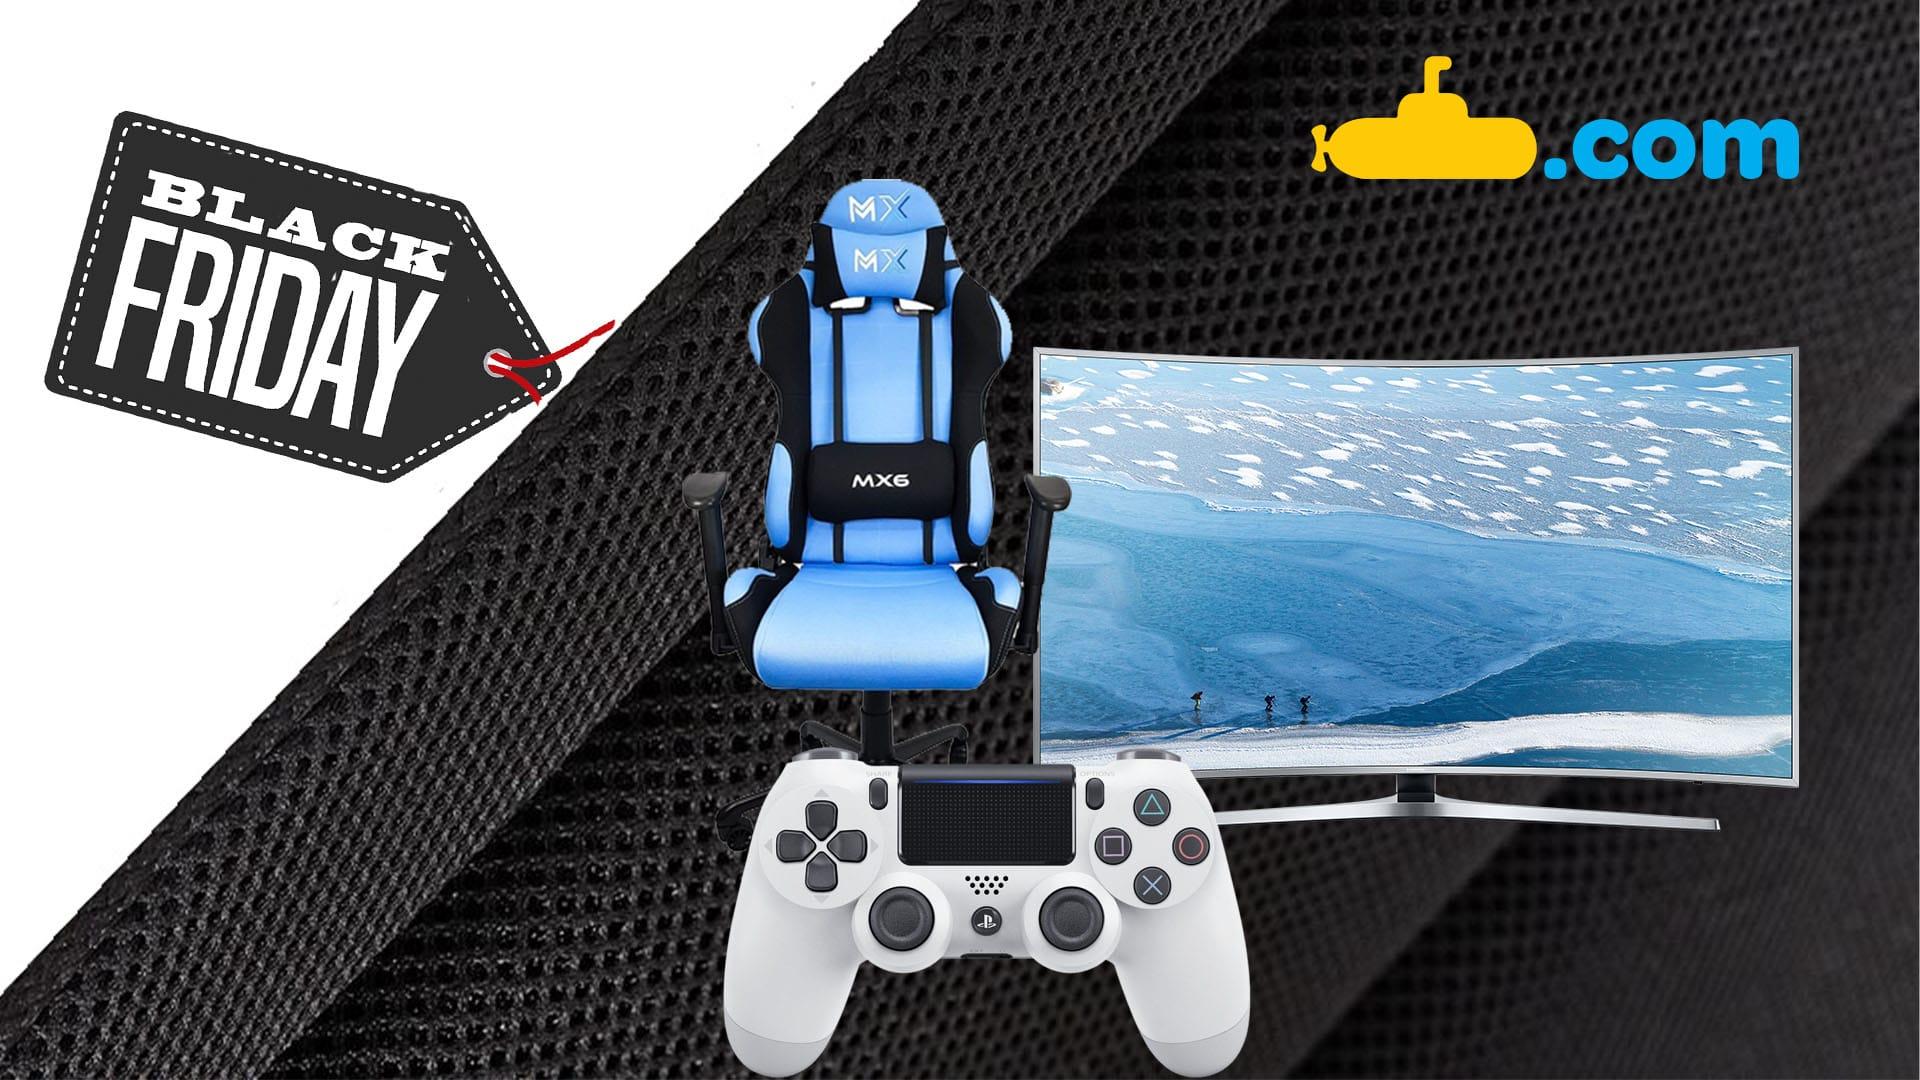 [Black Friday] Submarino: confira os melhores preços em jogos e acessórios